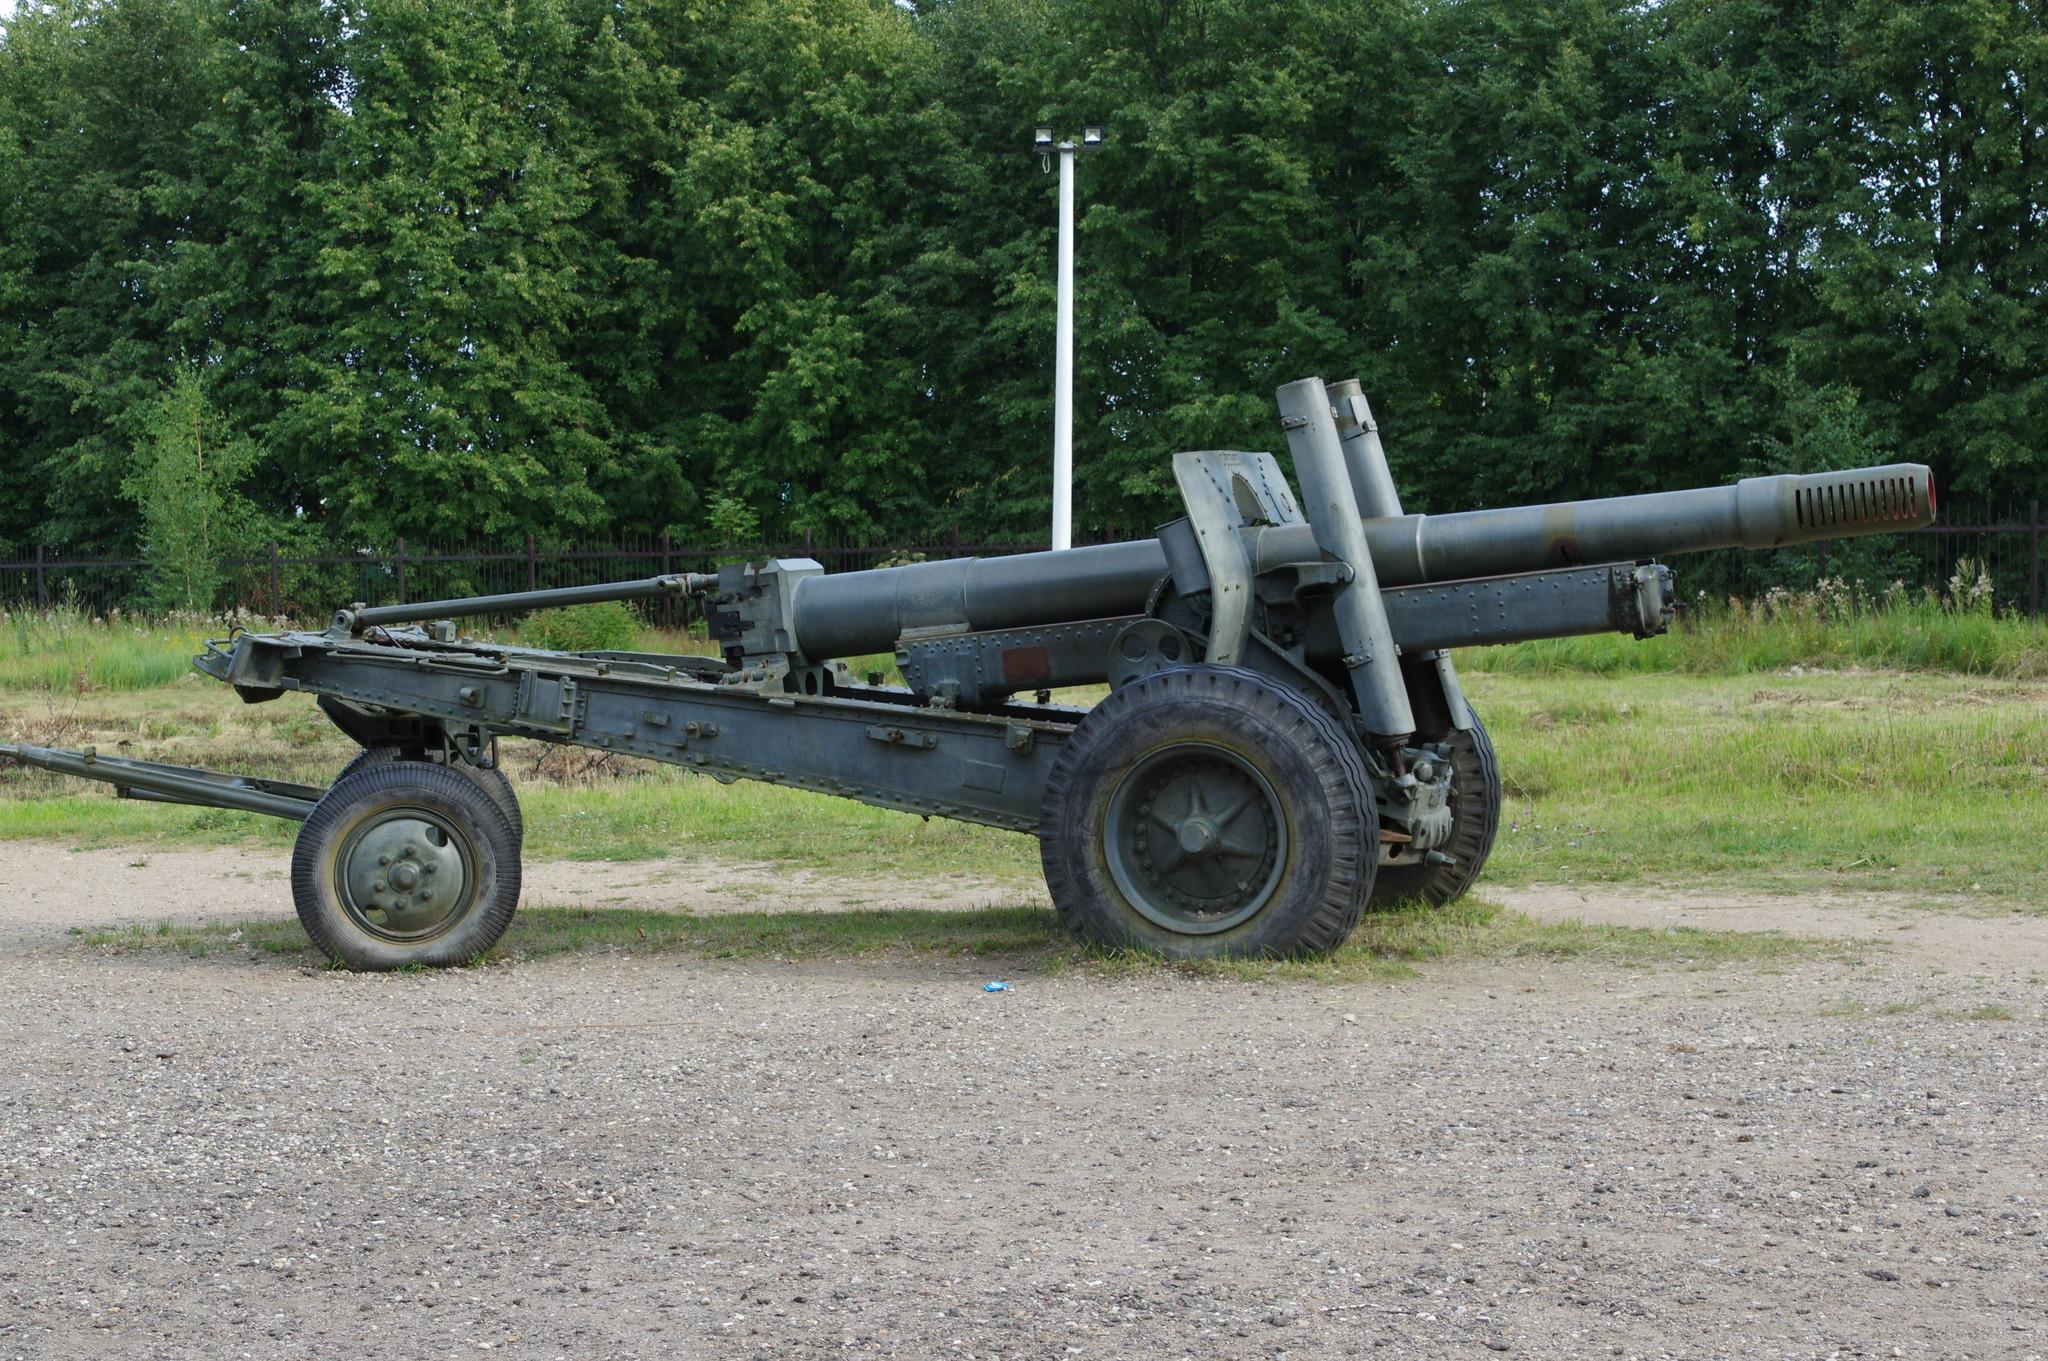 152-мм гаубица-пушка образца 1937 года (МЛ-20). Ленино-Снегирёвский военно-исторический музей